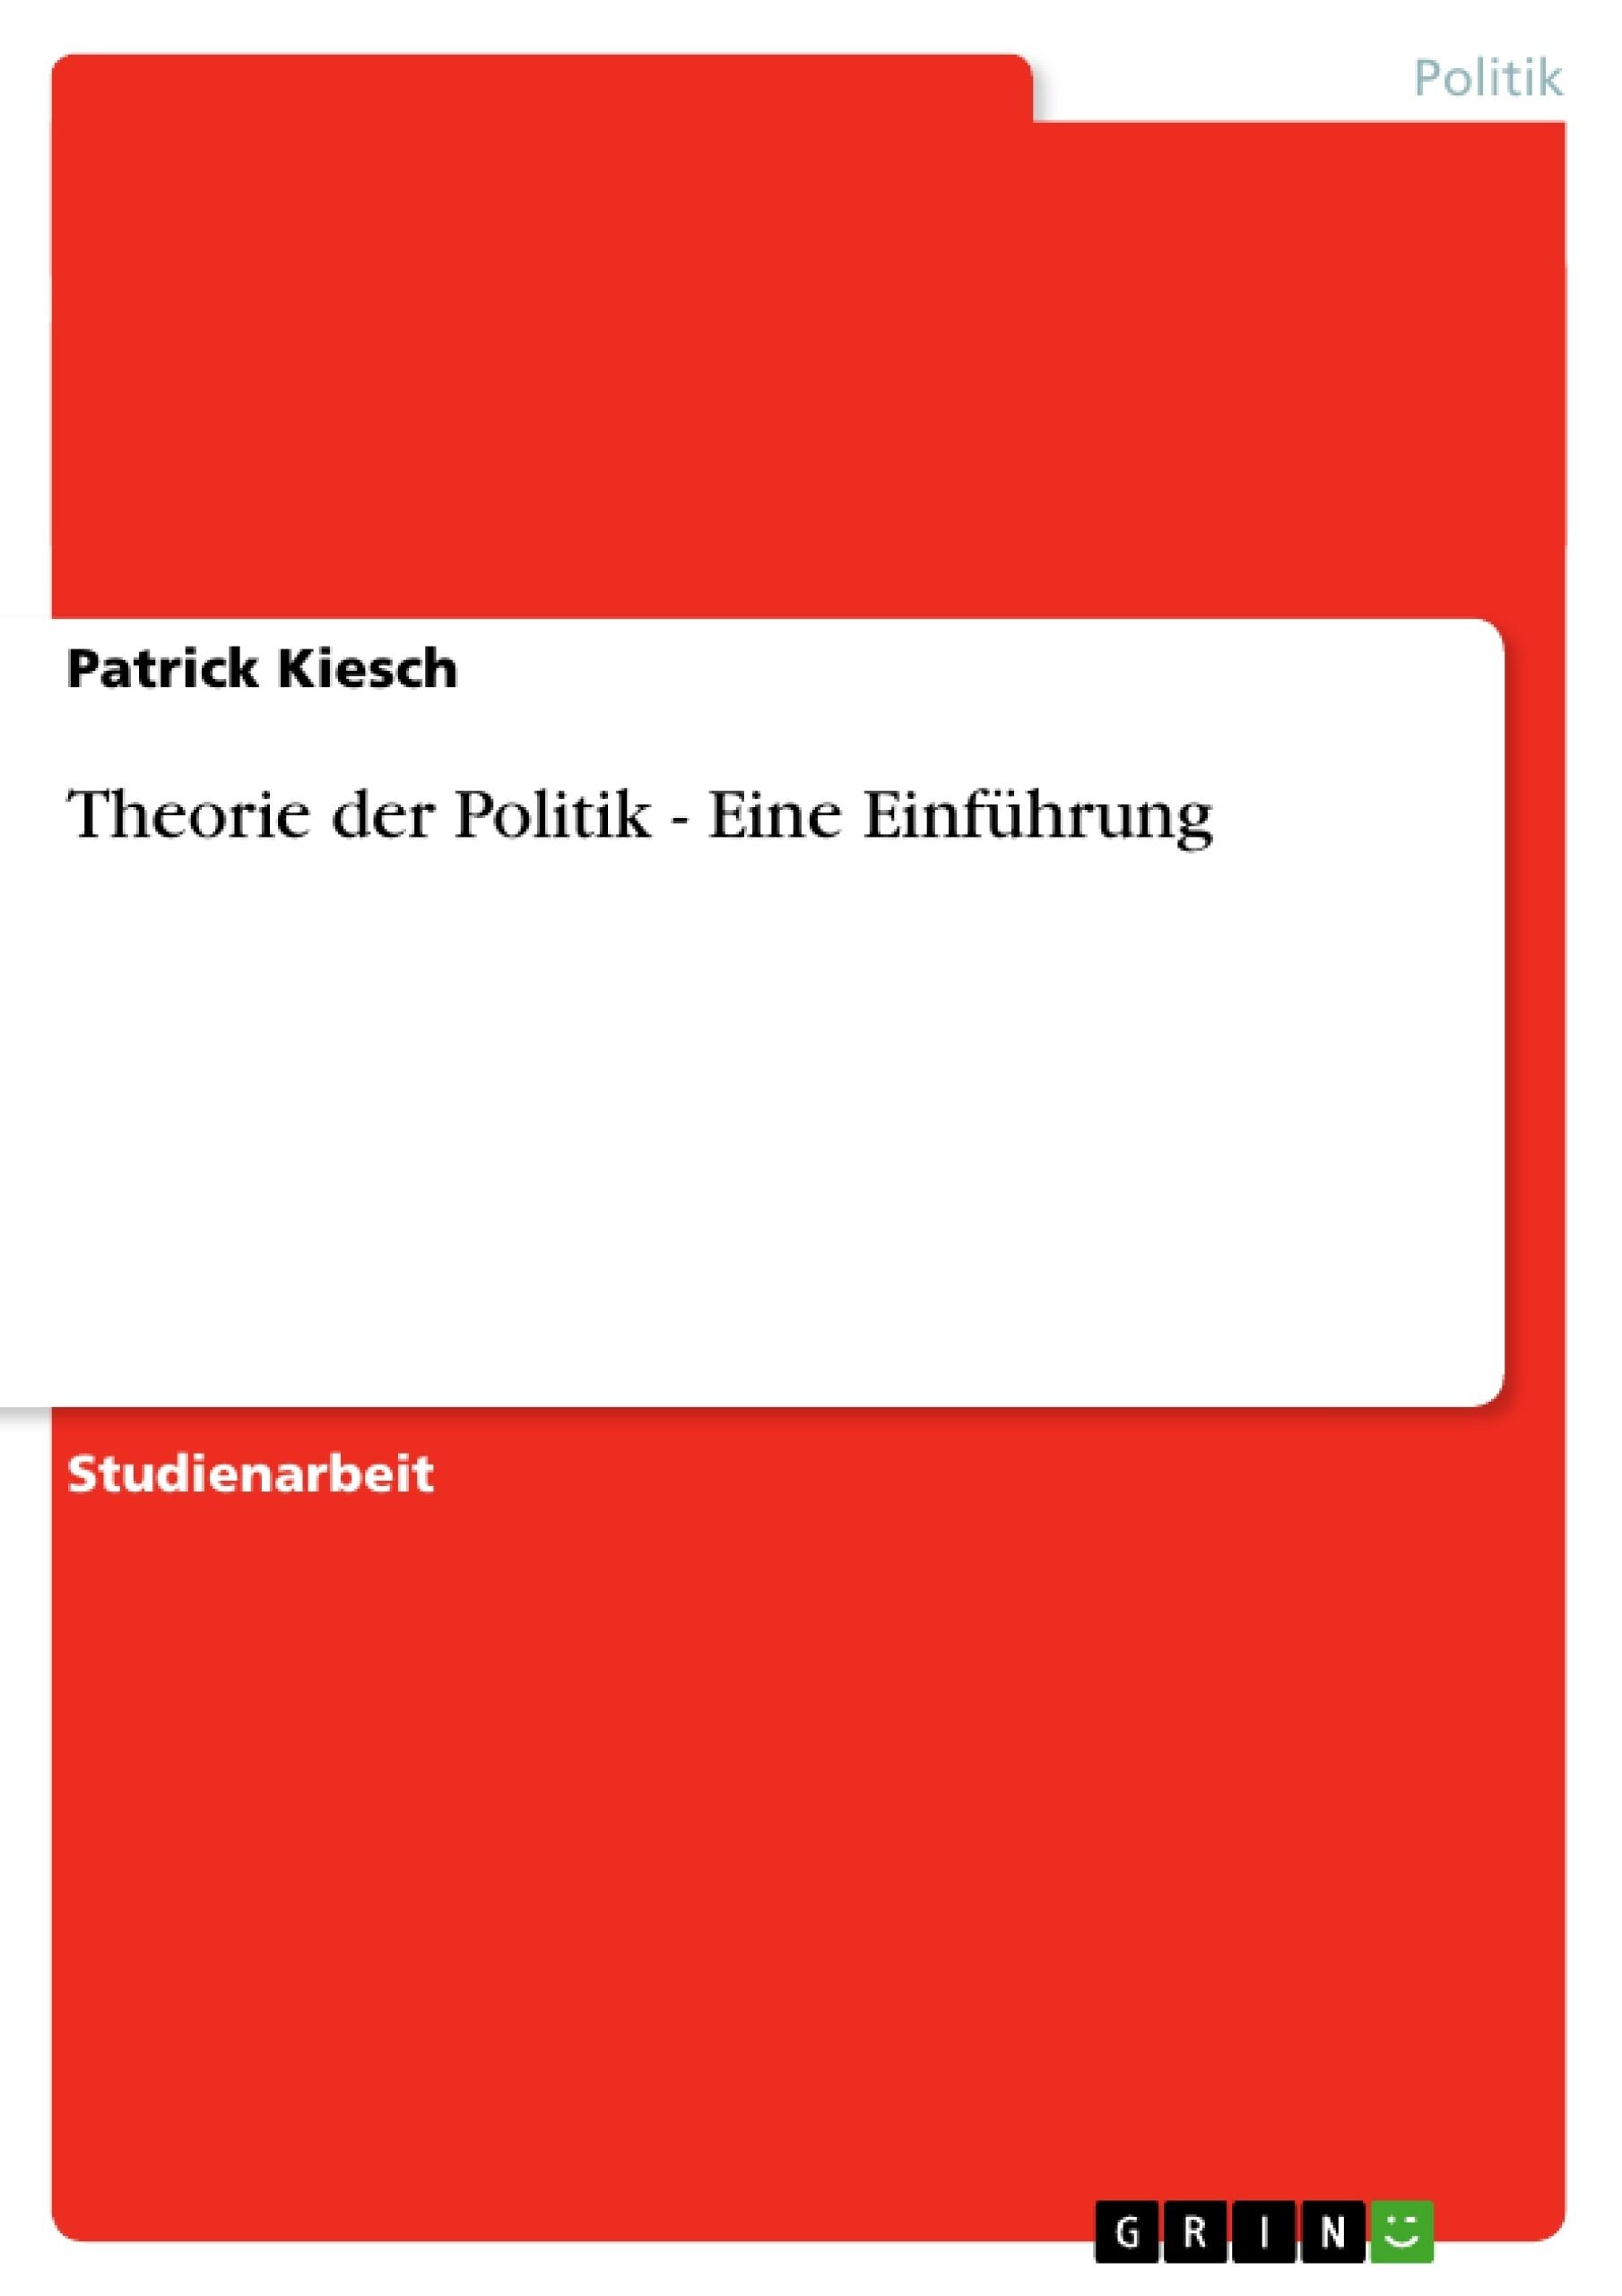 Titel: Theorie der Politik - Eine Einführung